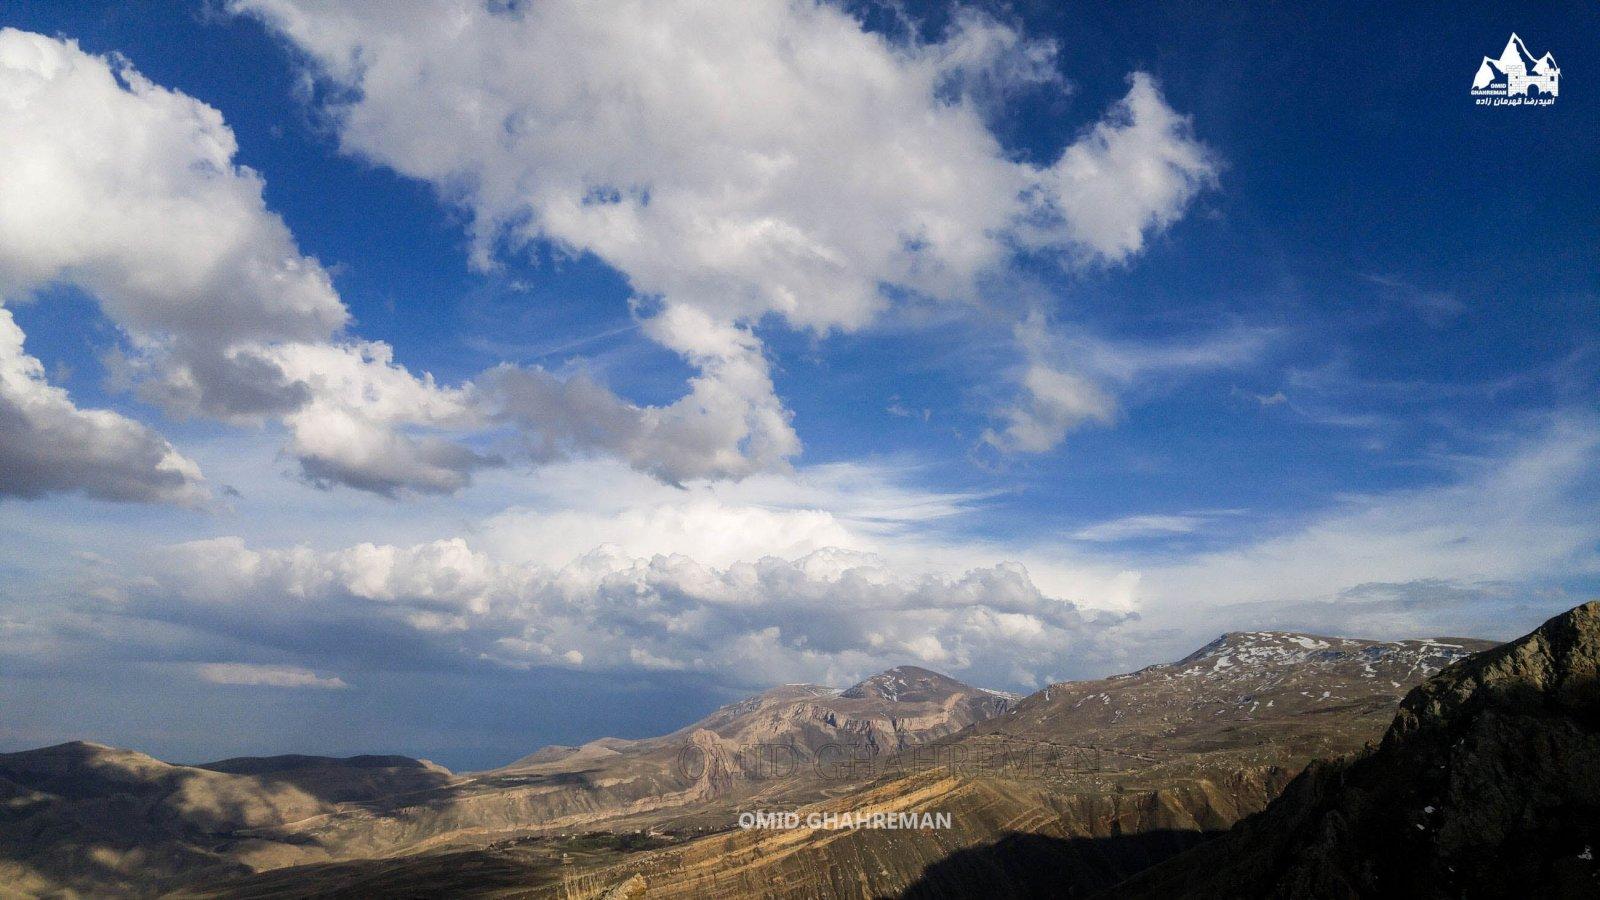 کوه پایه چرکین و آسمان زیبا